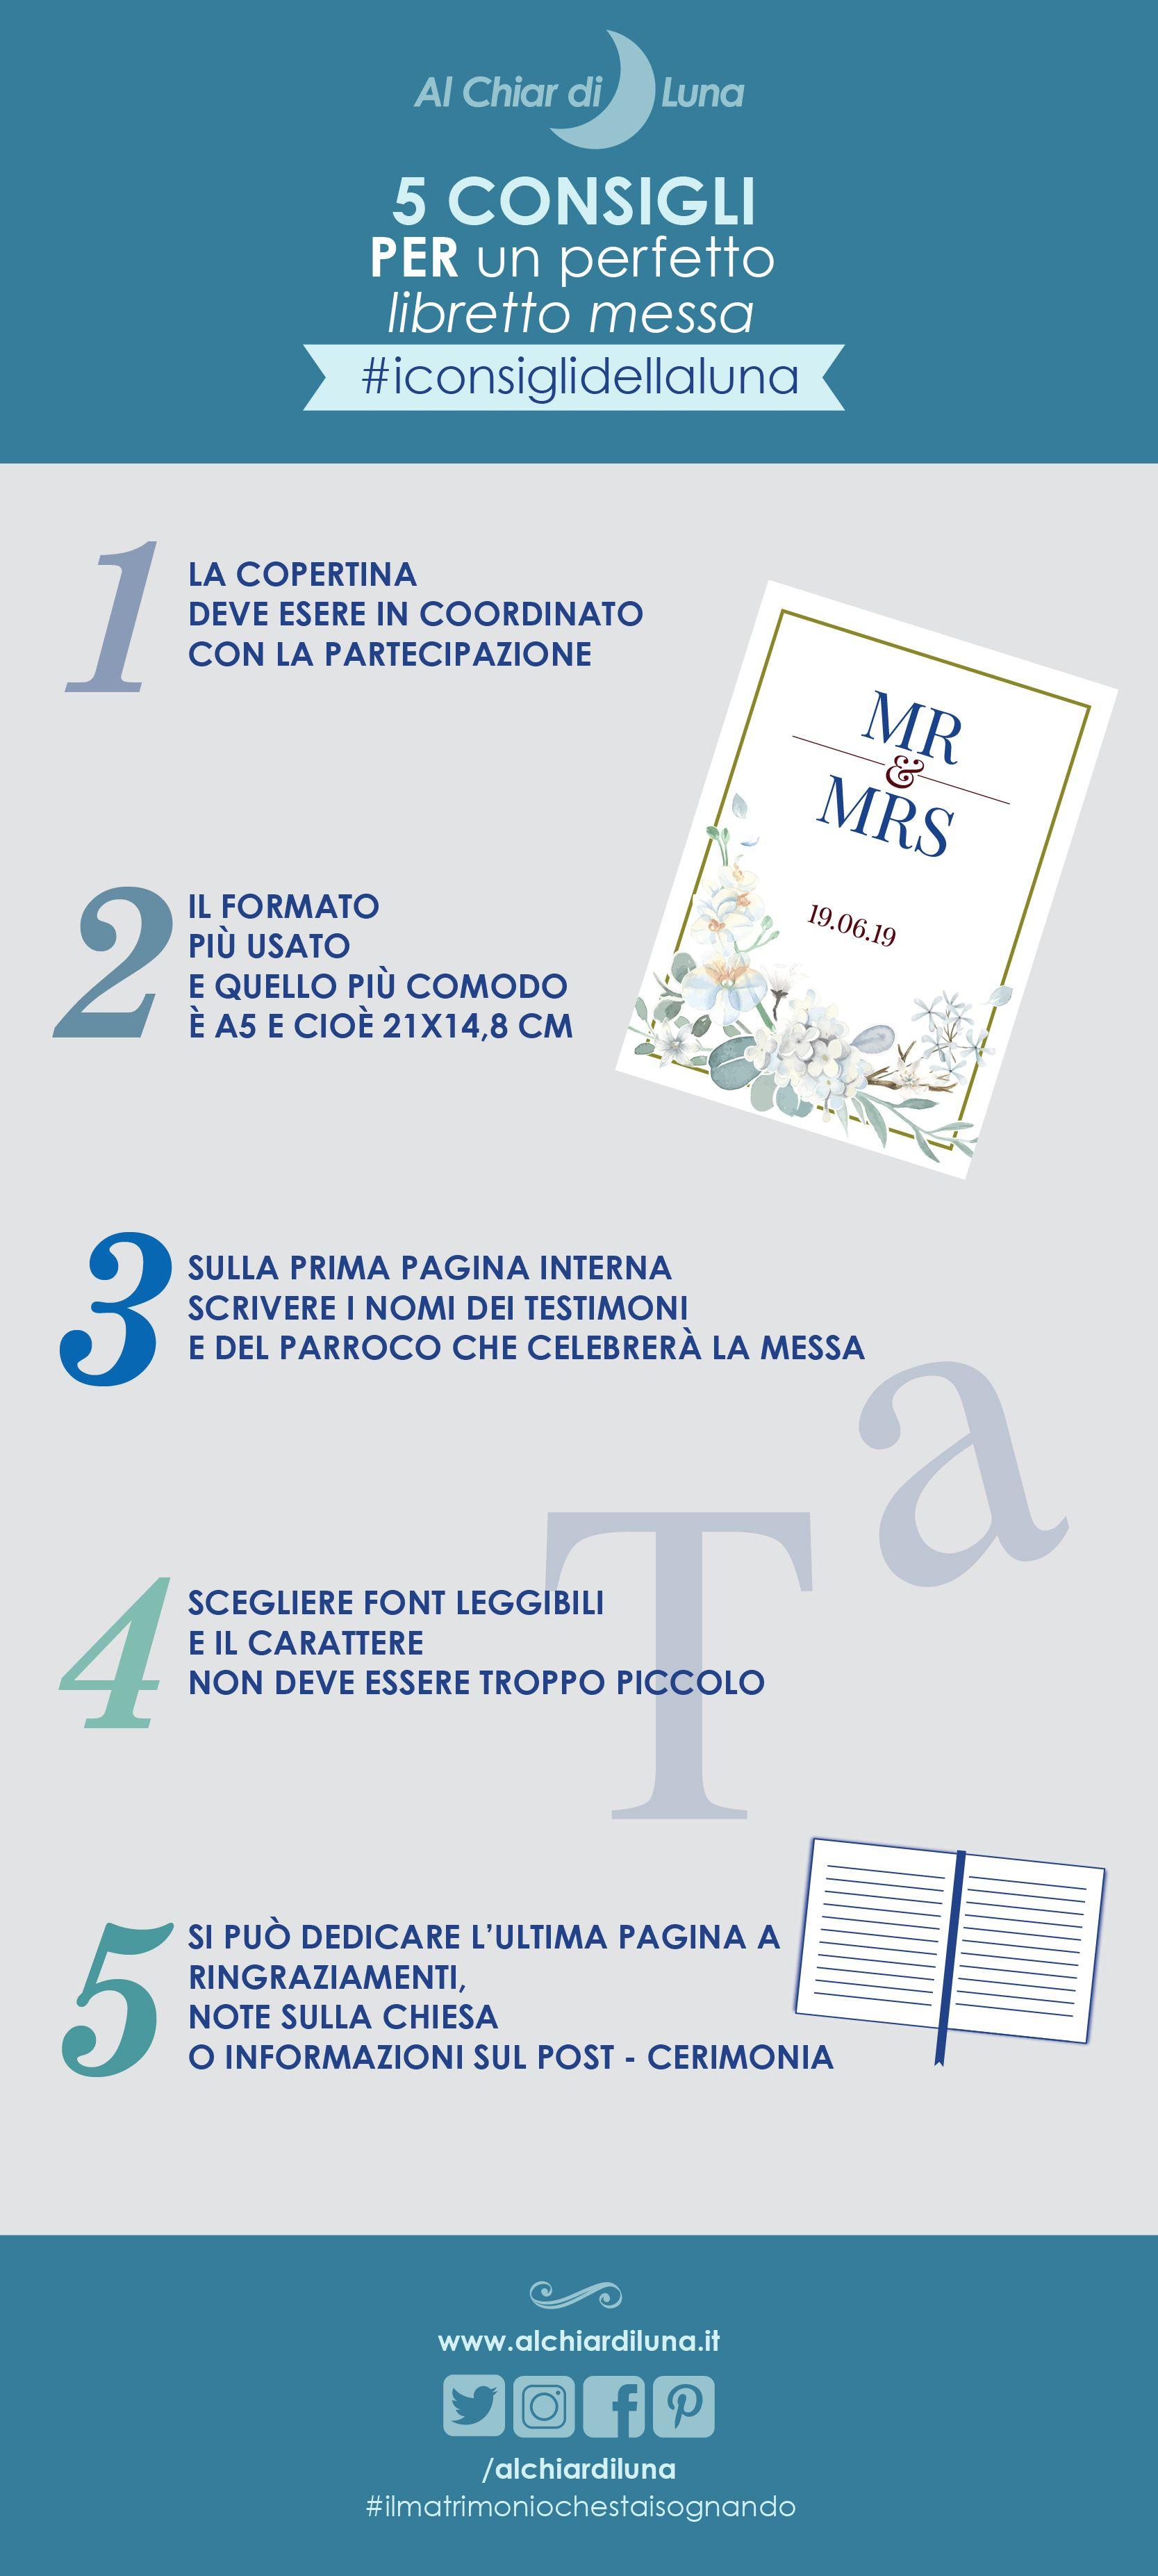 Iconsiglidellaluna 5 Consigli Per Un Perfetto Libretto Messa Alchiardiluna Ilmatrimoniochesta Matrimonio Pianificazione Matrimoni Matrimoni A Tema Musica